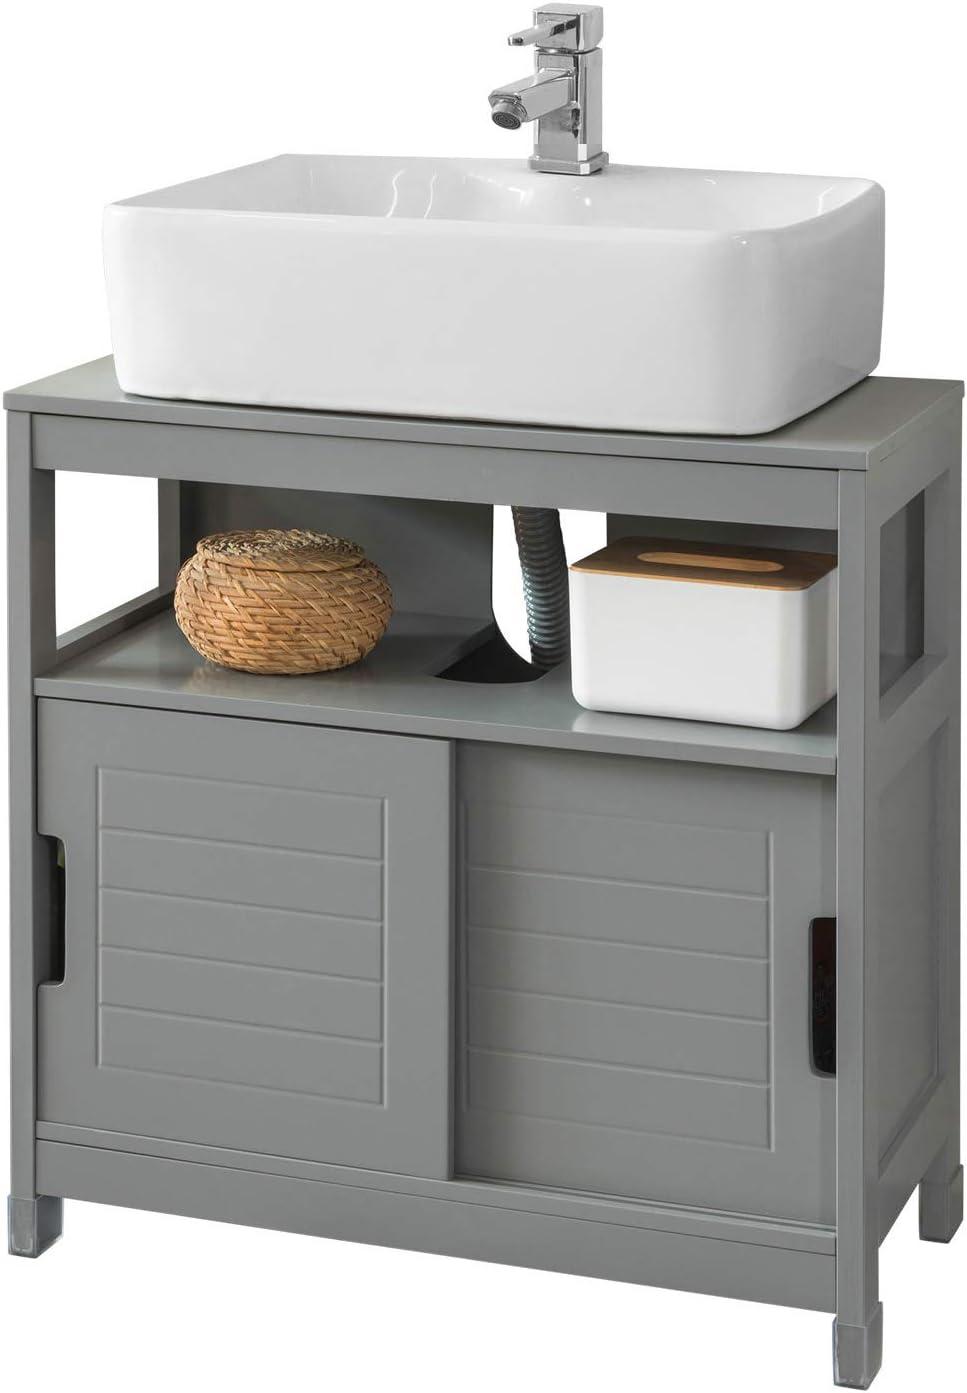 SoBuy FRG128-SG Mueble para Debajo del Lavabo Armario de Baño de Suelo 1 Estante y 2 Puertas Correderas 60 * 30 * 61 cm ES: Amazon.es: Hogar